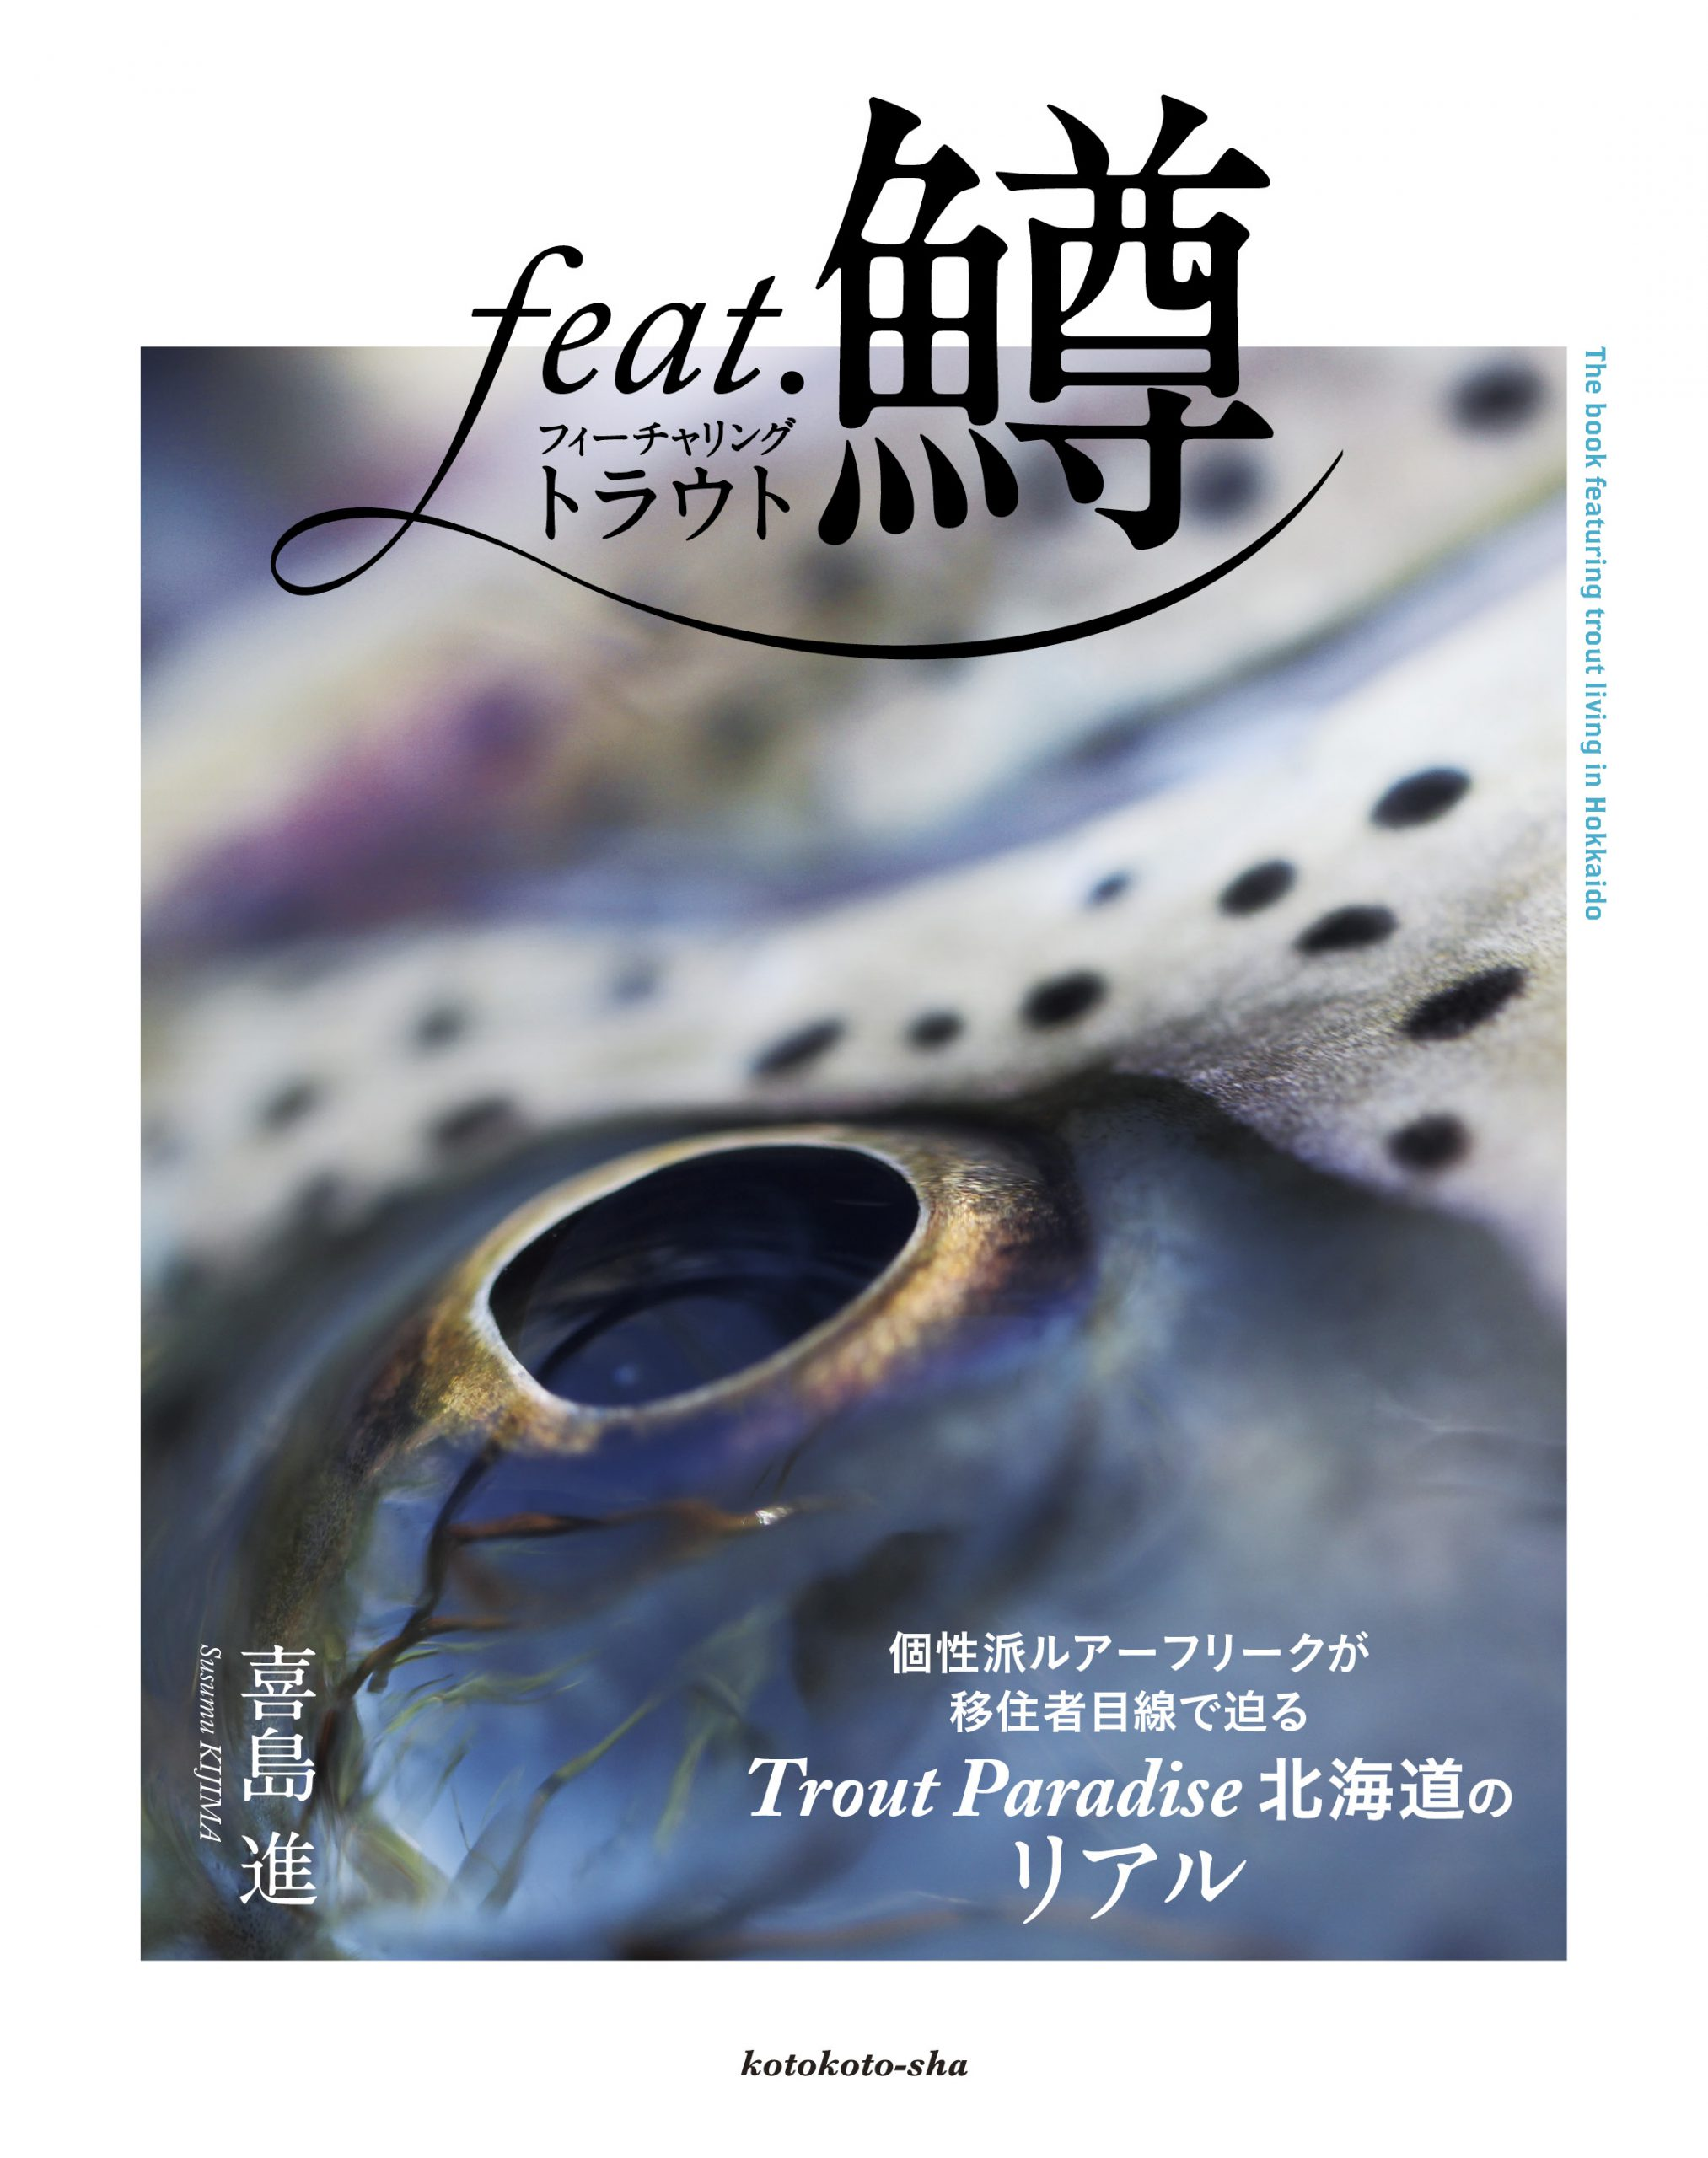 [新刊] 鱒釣りを愛する皆さまに向けて!『 feat.鱒 (フィーチャリング トラウト) 』発売